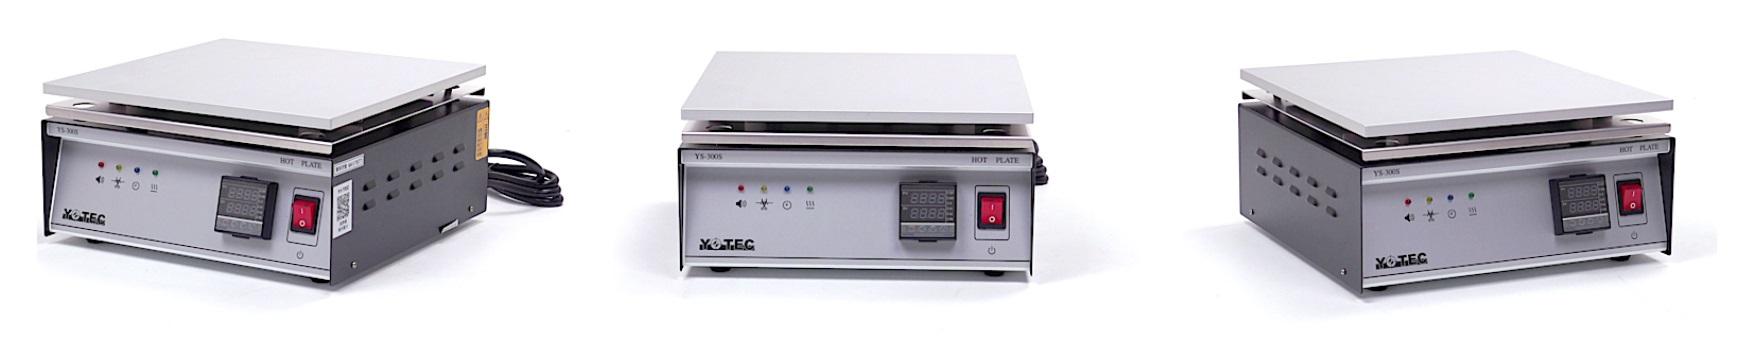 Нагревательная плитка для задубливания резиста YS 300 S купить